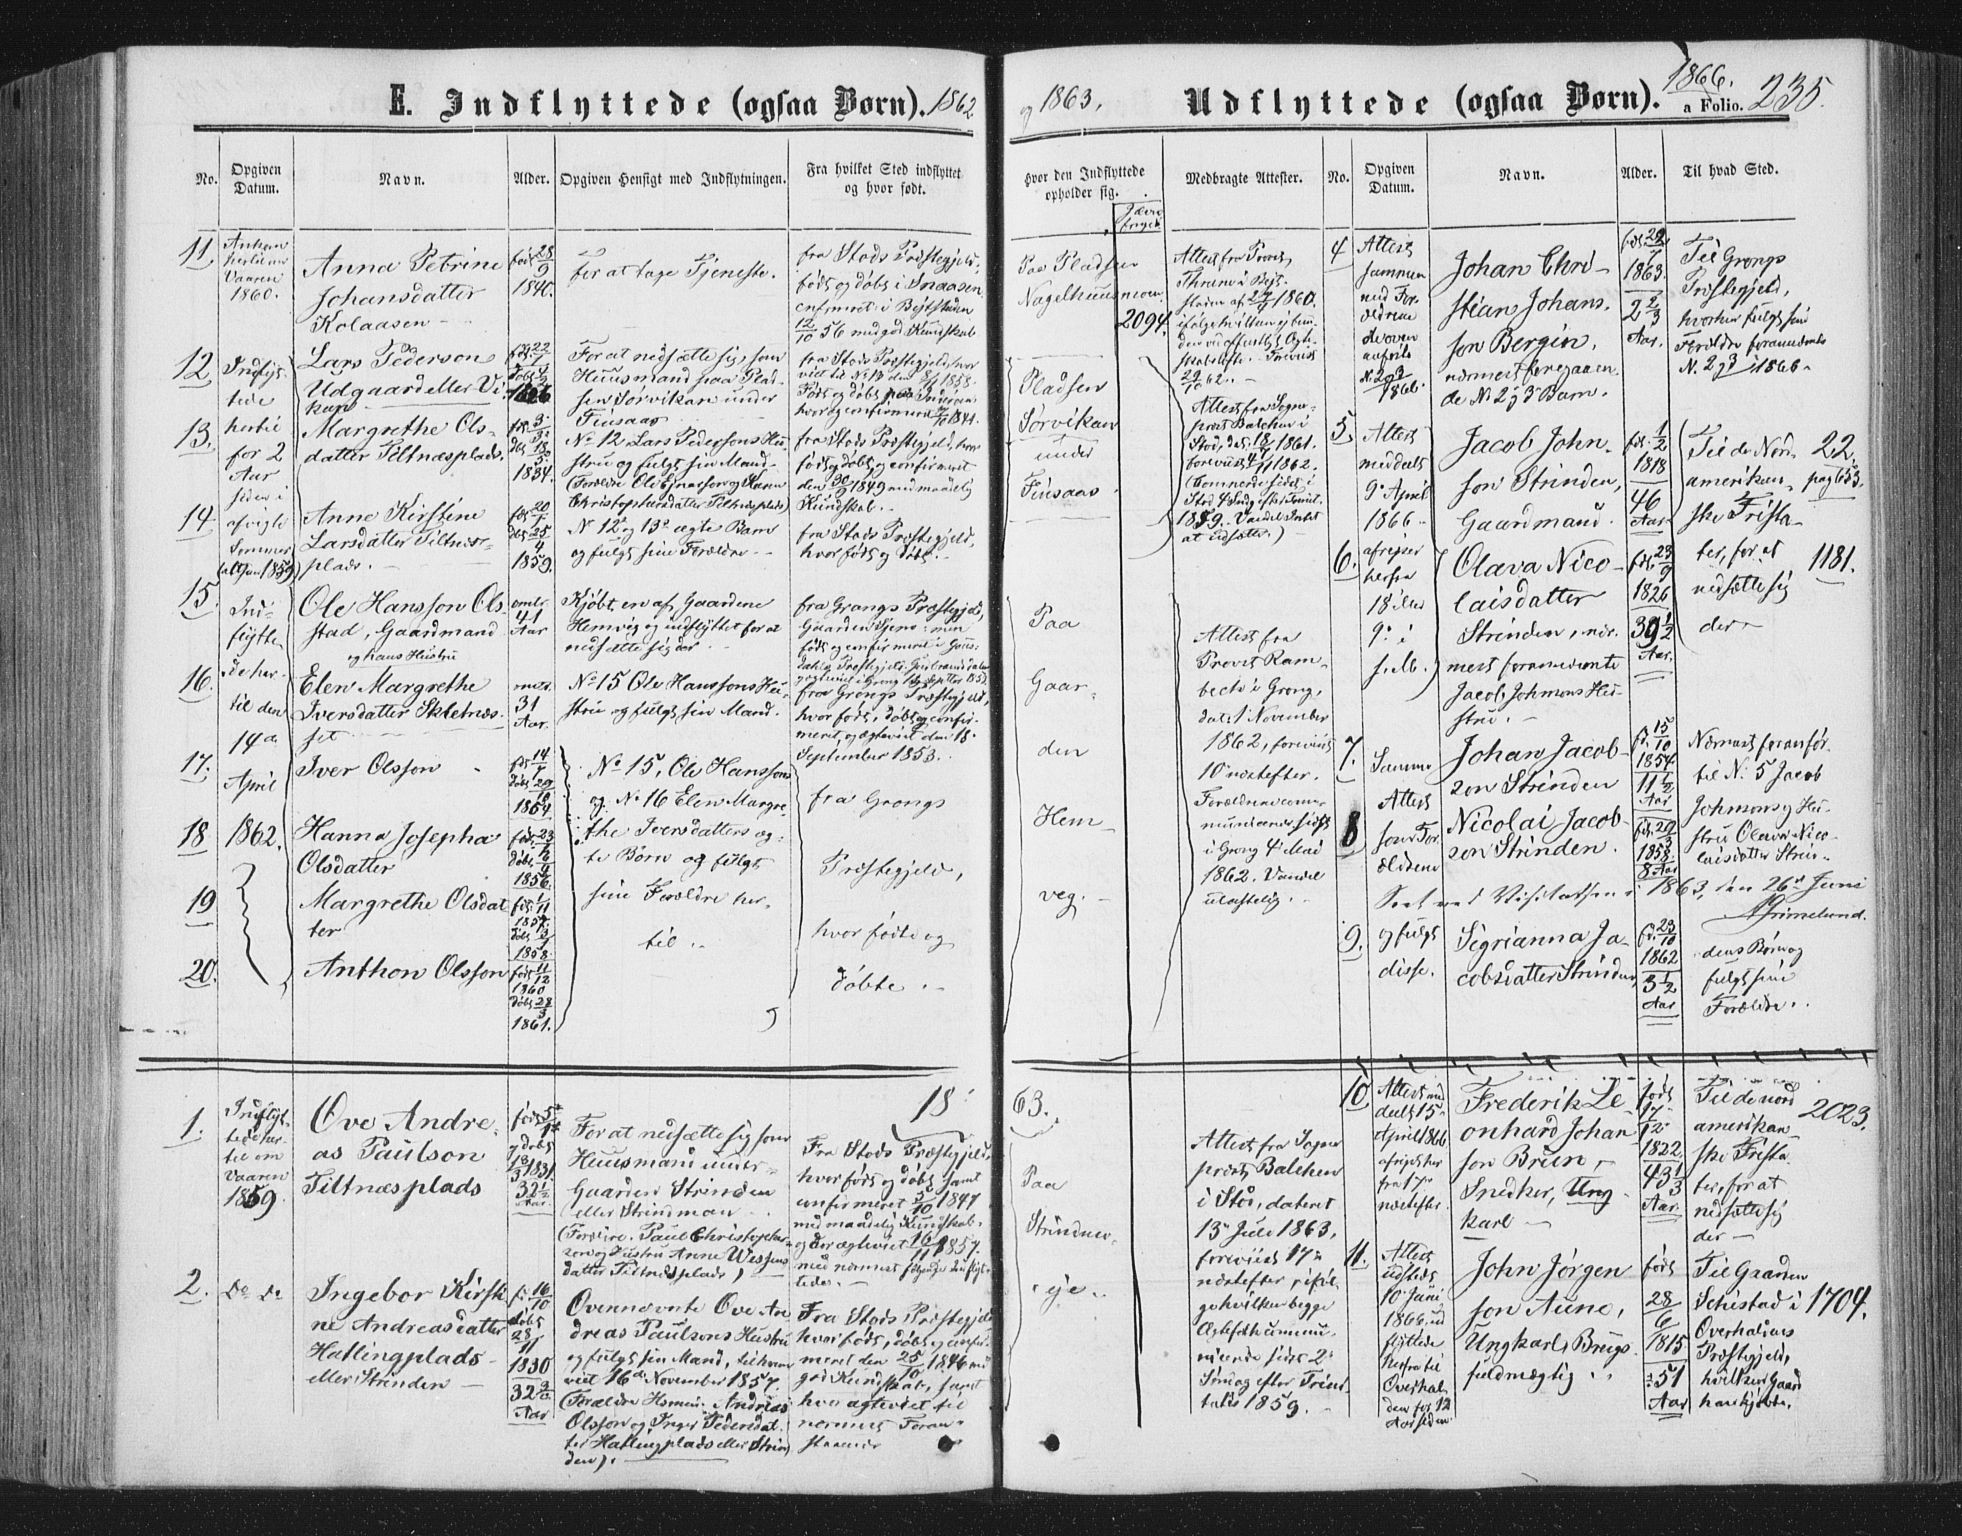 SAT, Ministerialprotokoller, klokkerbøker og fødselsregistre - Nord-Trøndelag, 749/L0472: Ministerialbok nr. 749A06, 1857-1873, s. 235